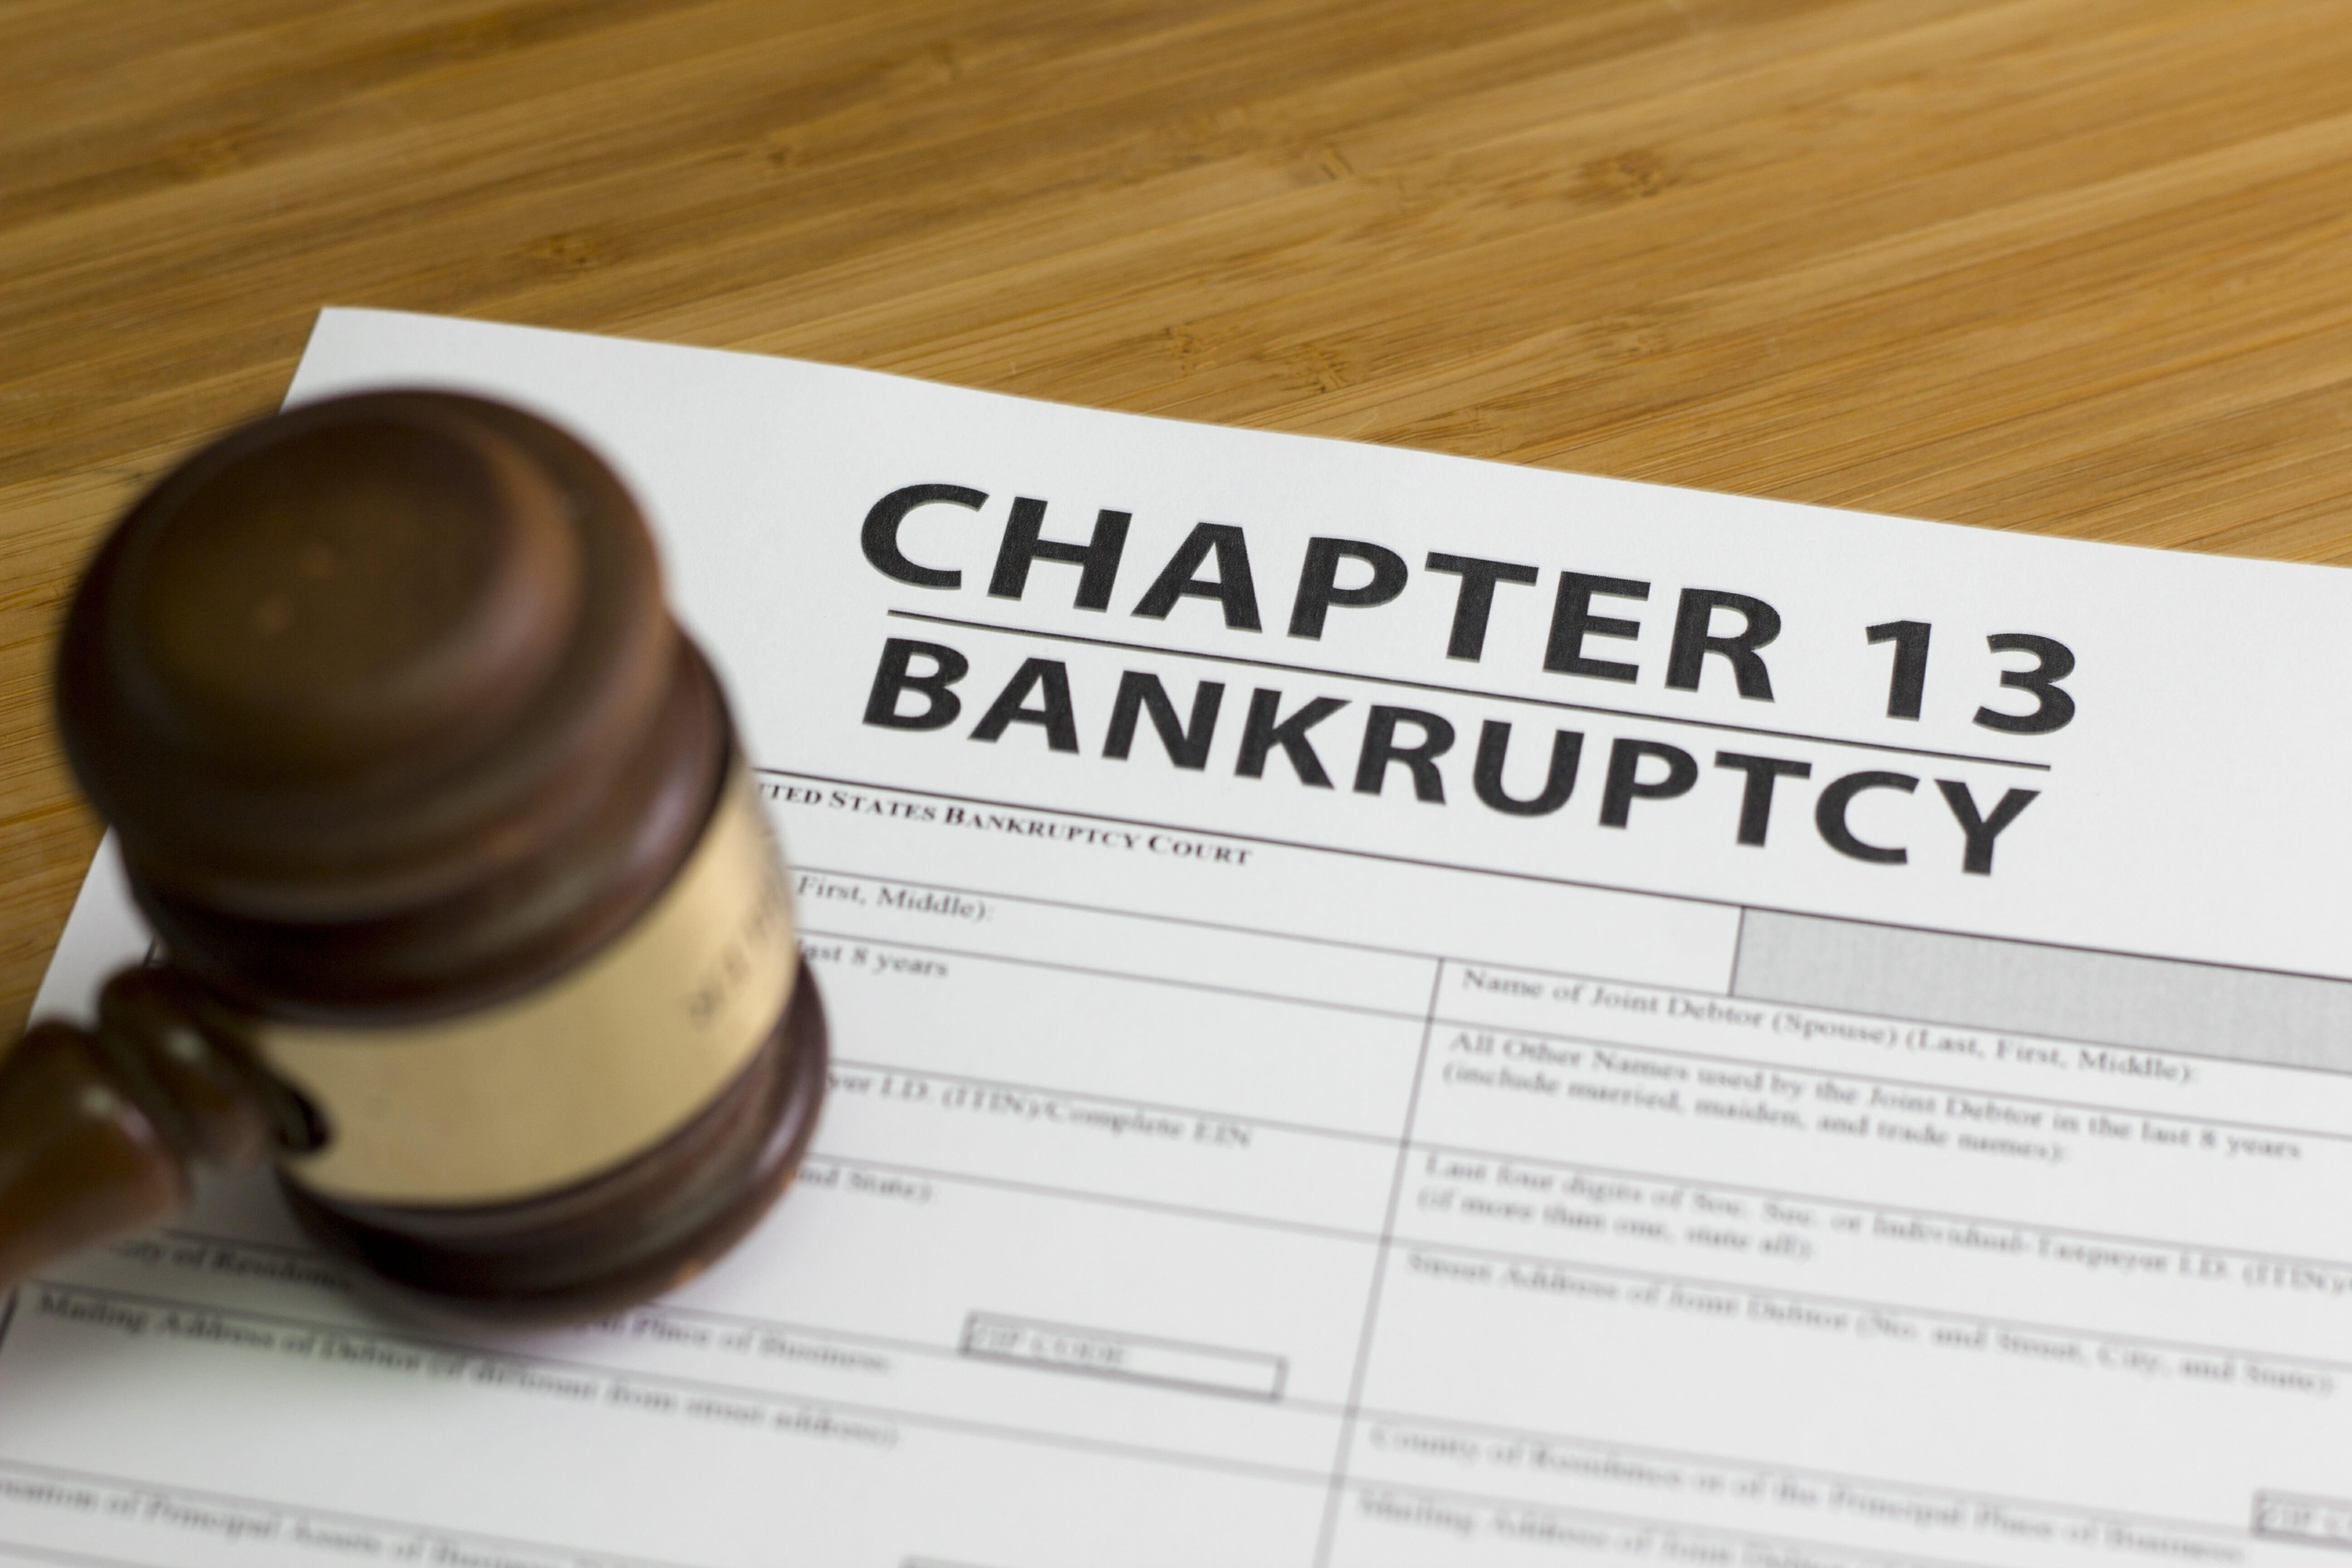 Bankrutpcy attorney chapter 13,